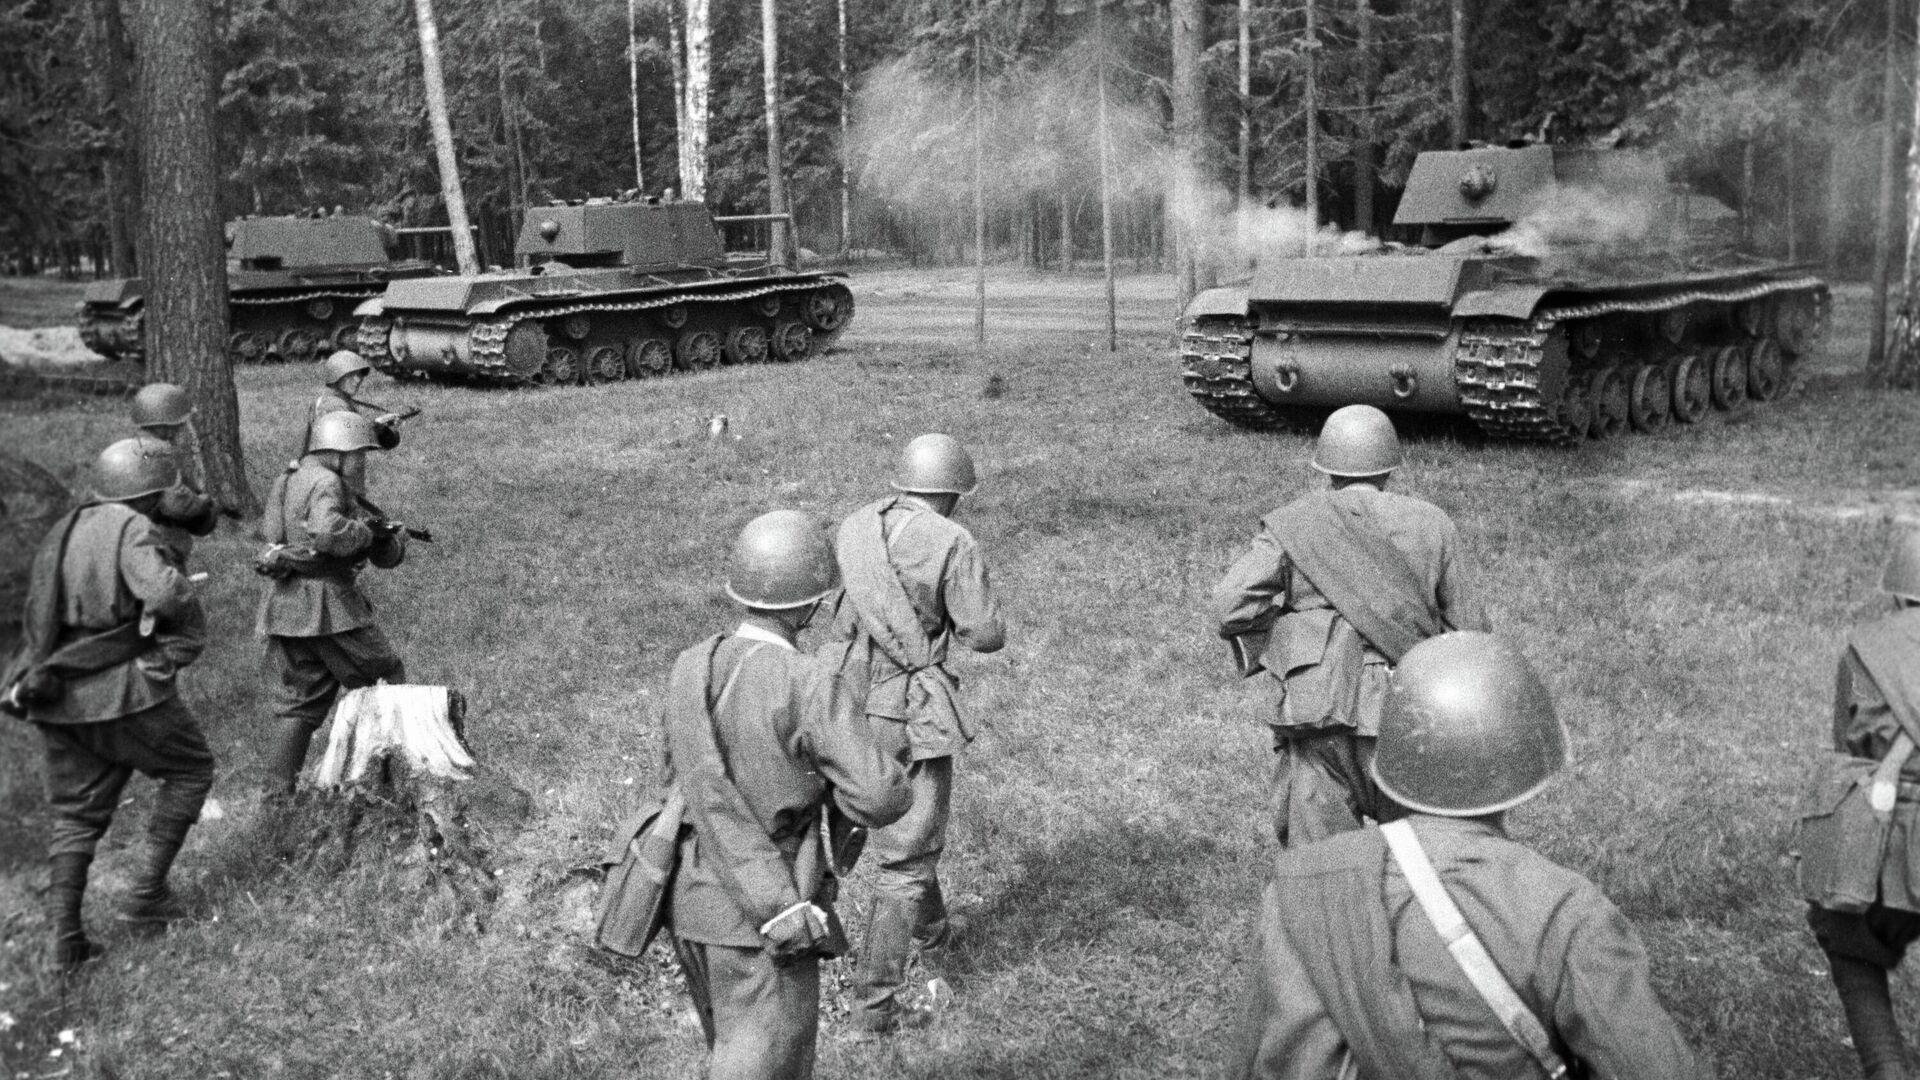 Советские тяжелые танки КВ-1 выходят на позицию для атаки. Западный фронт - РИА Новости, 1920, 29.04.2020